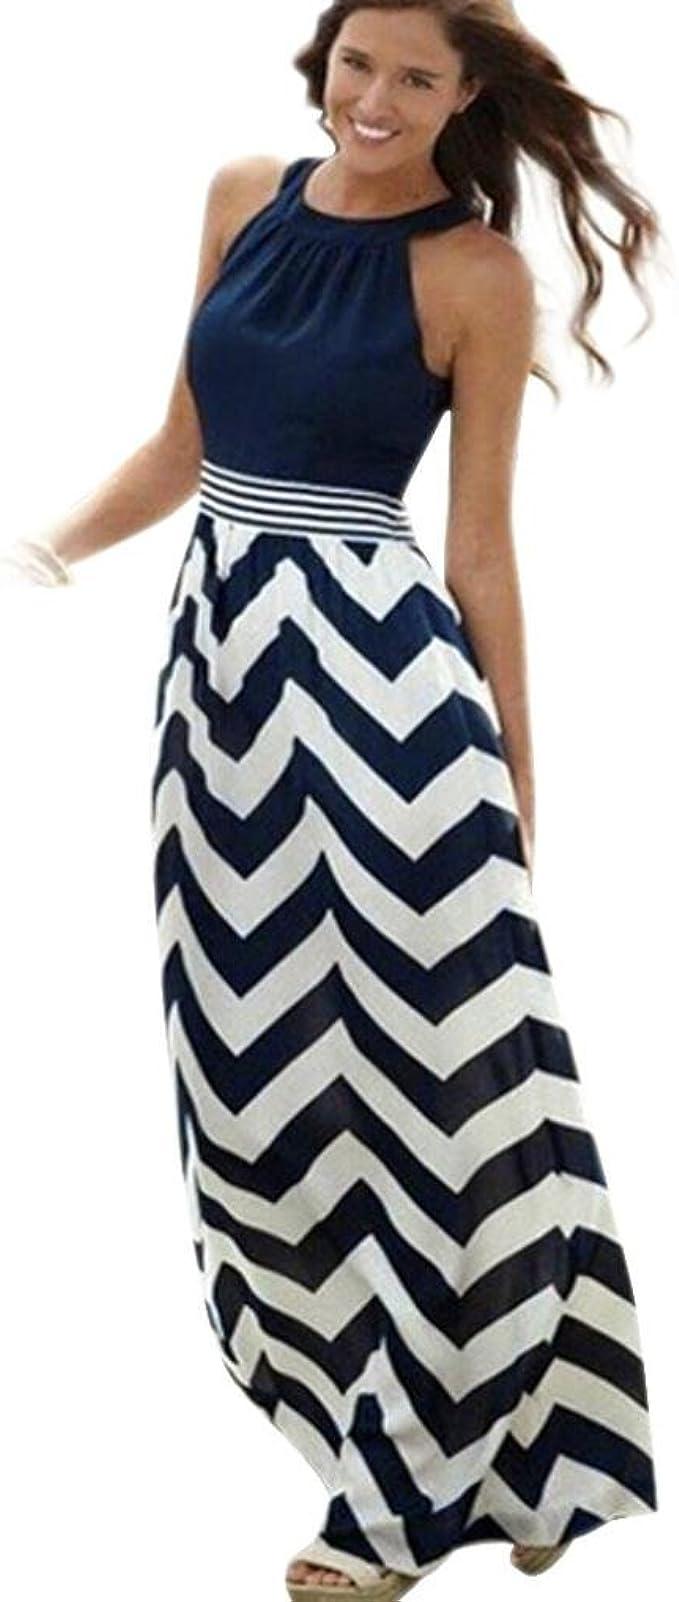 Dasongff Kleider Damen, Sommerkleid Damen Partykleid High Waist Striped  Ärmellos Kleider Lange Maxi Kleid Abendgesellschaft Strand Kleider